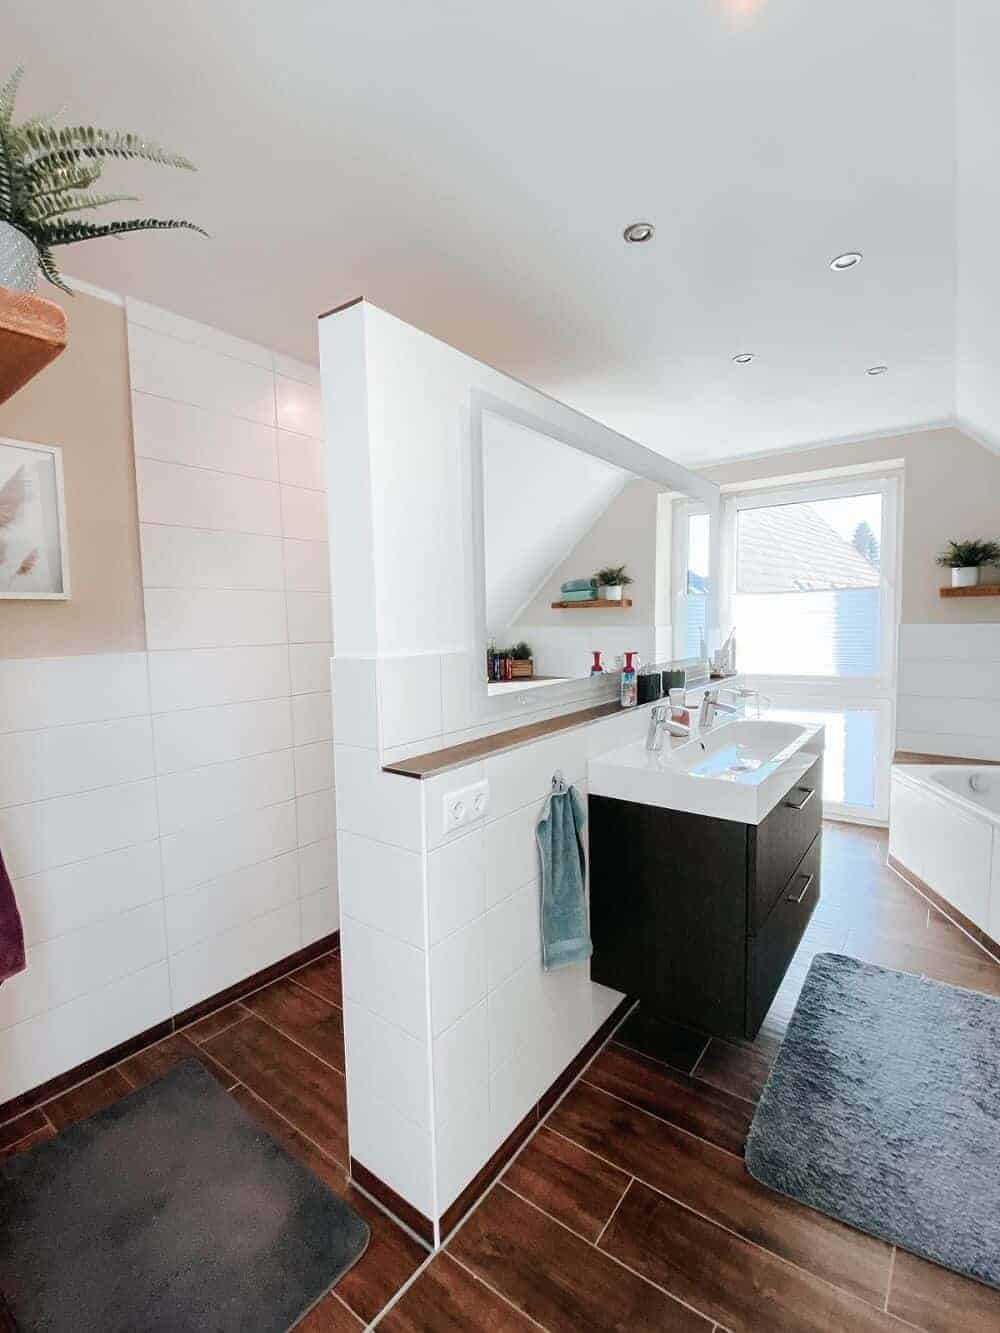 Unser Badezimmer ist heute in einer Mischung aus weiß und beige gestrichen, Schweberegale sorgen für gemütliche Atmosphäre